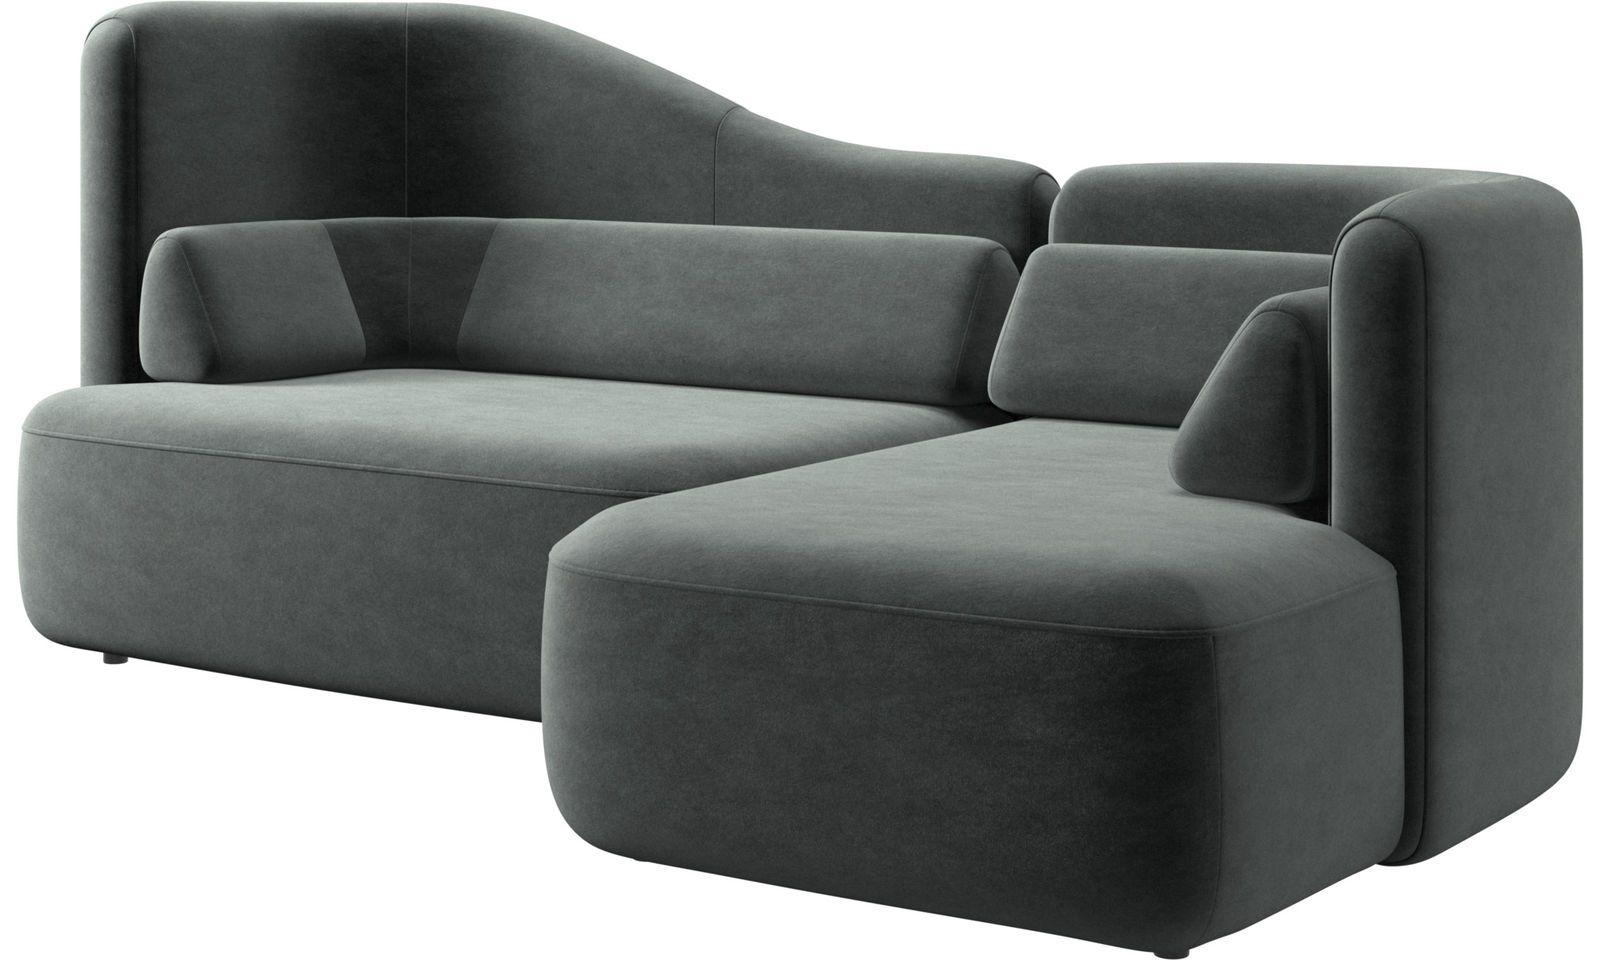 Ottawa Sofa In 2020 Modular Sofa White Sofas Comfortable Chaise